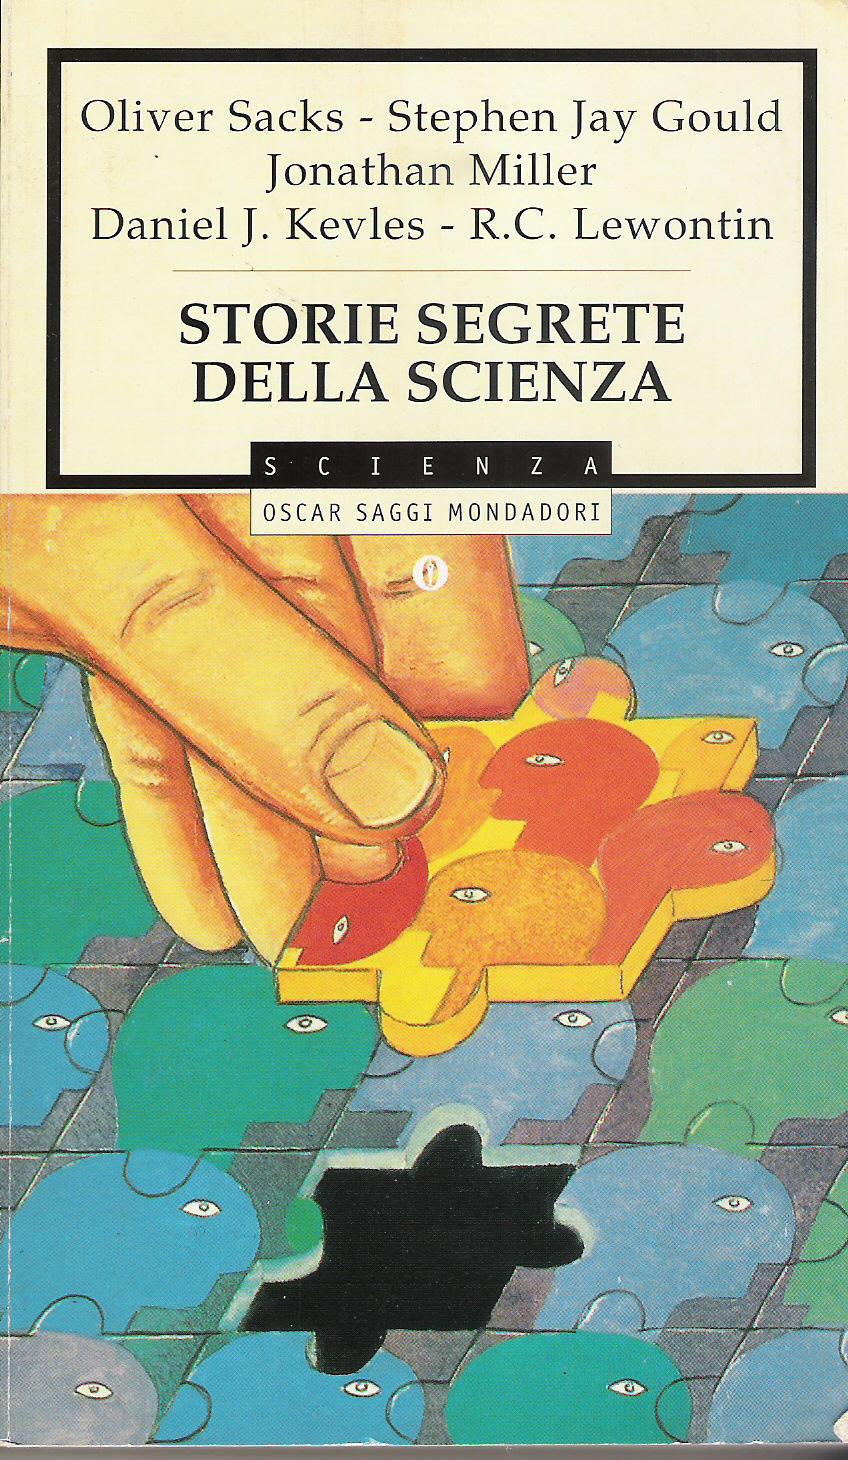 Storie segrete della scienza